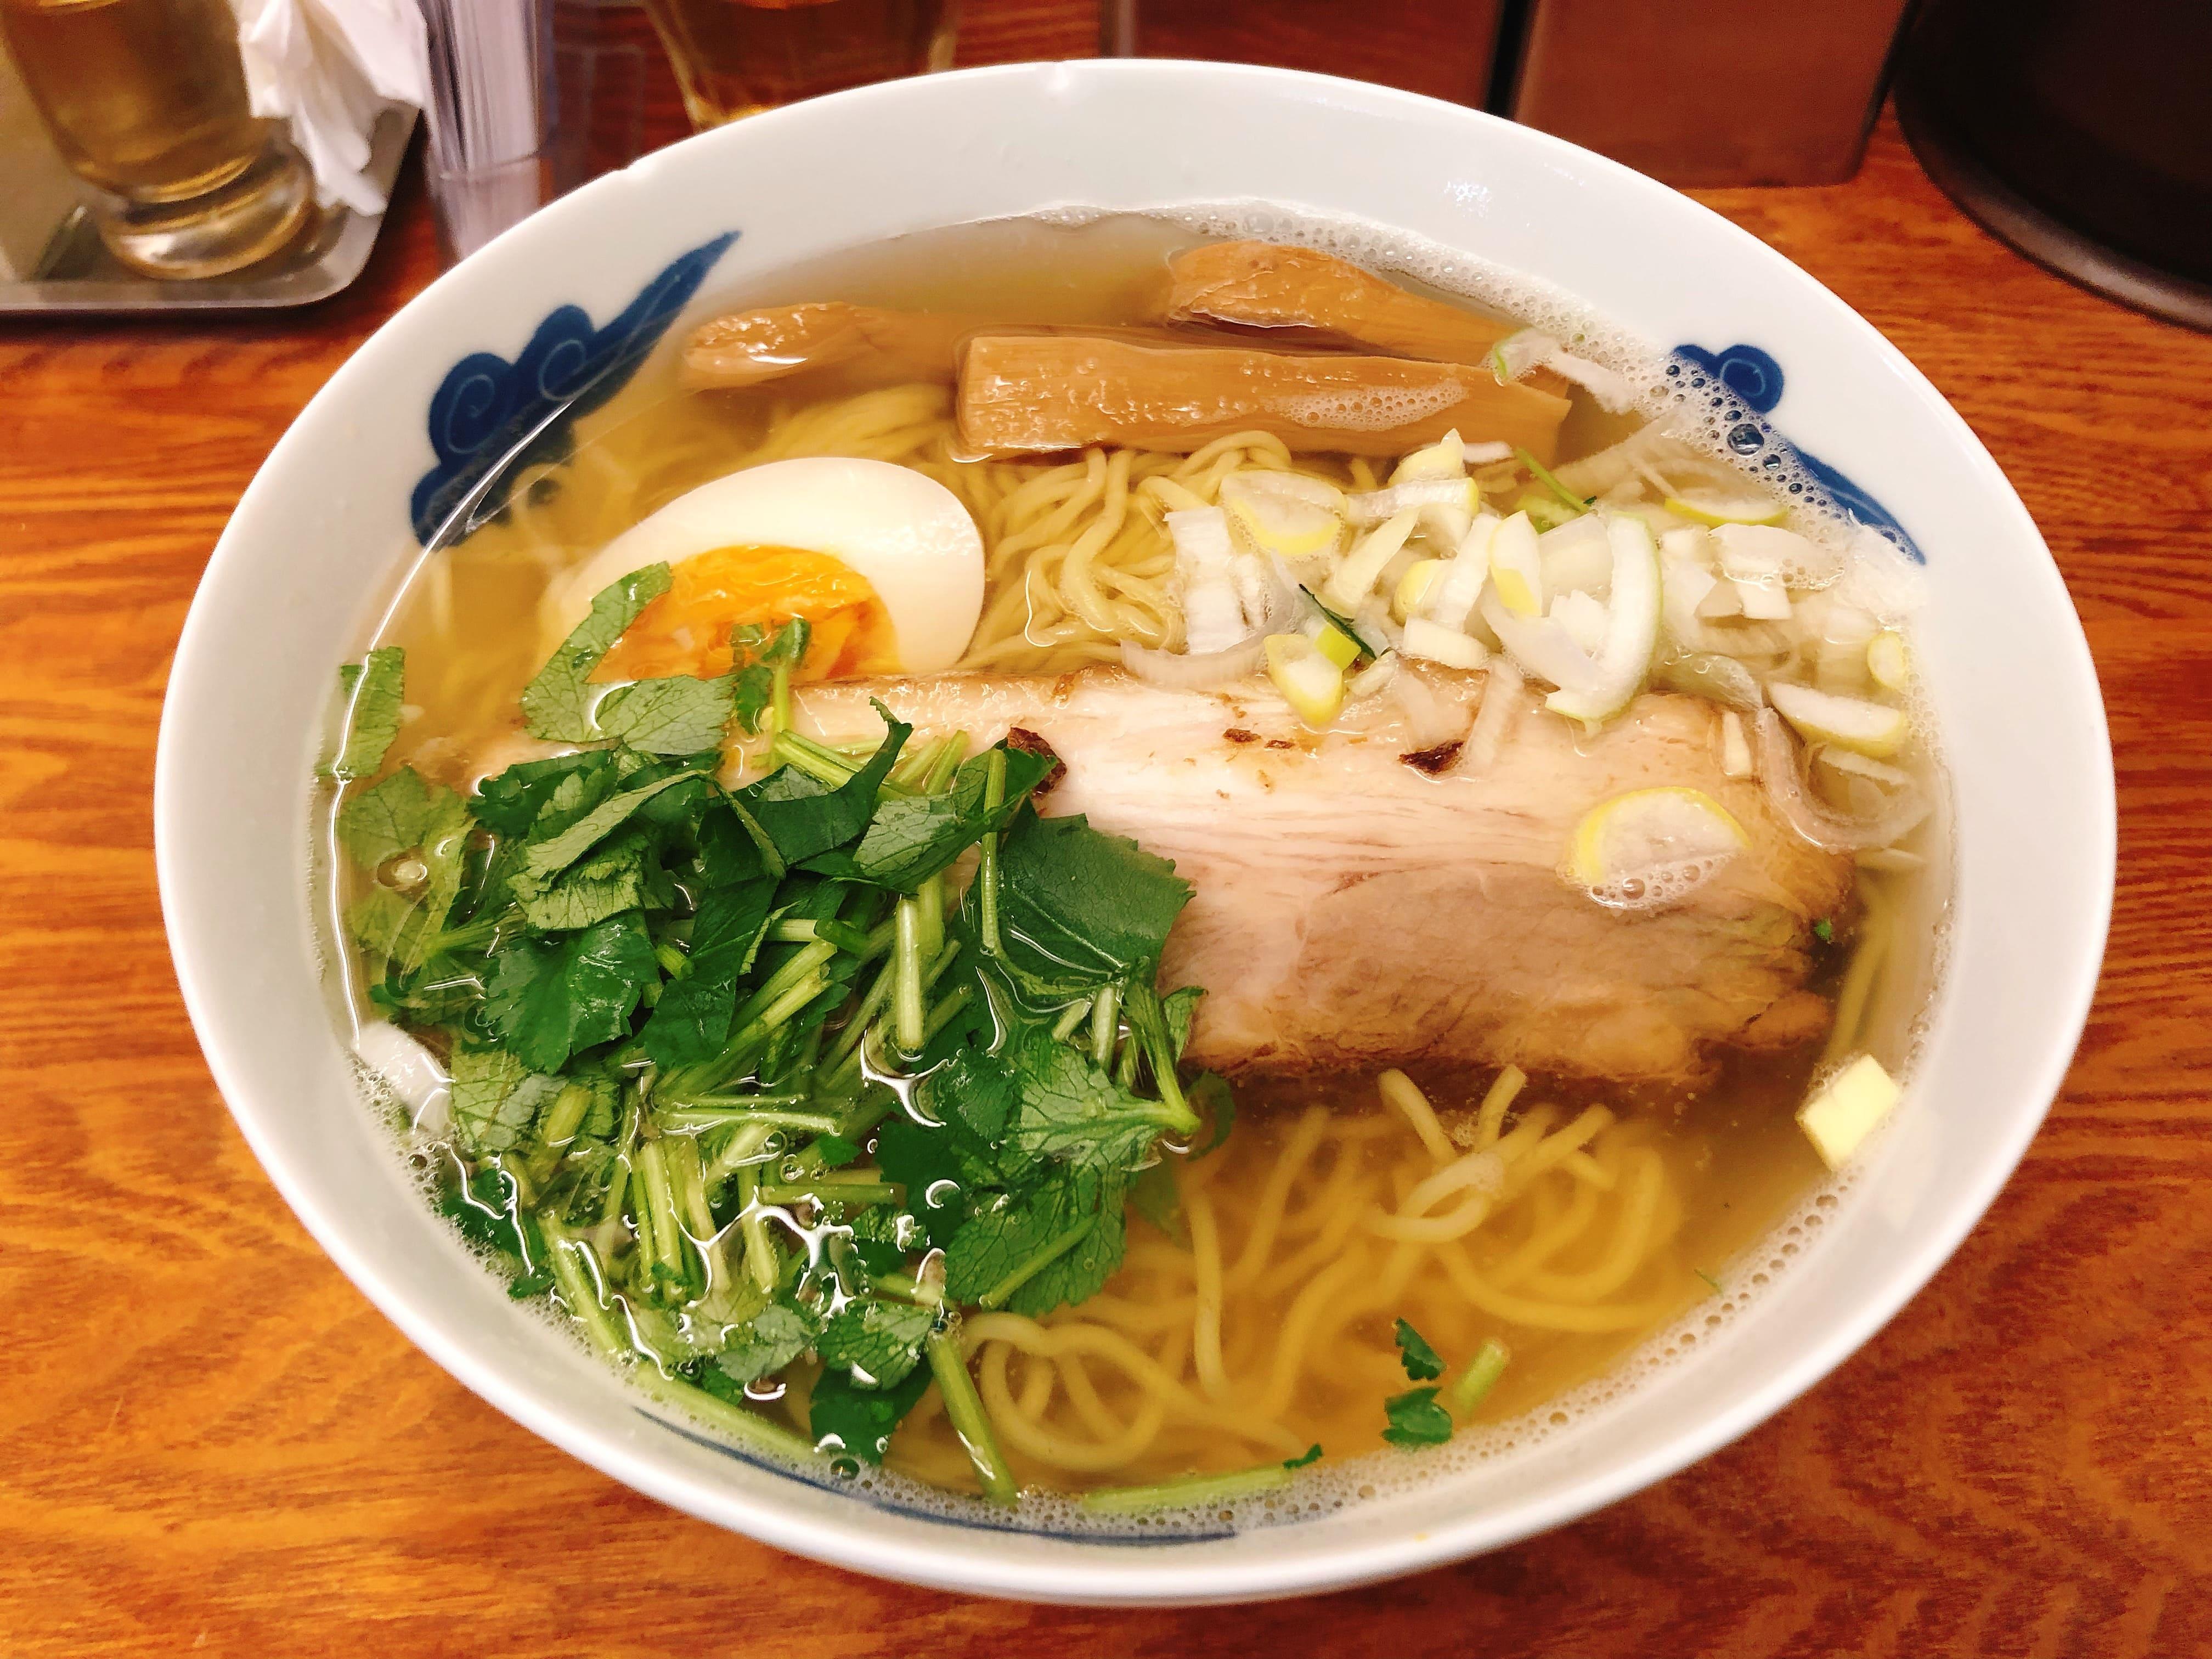 美しく透き通る透明なスープが胃にやさしい超あっさりラーメン『和風柳麺(らーめん)』@麺屋ひょっとこ【有楽町】